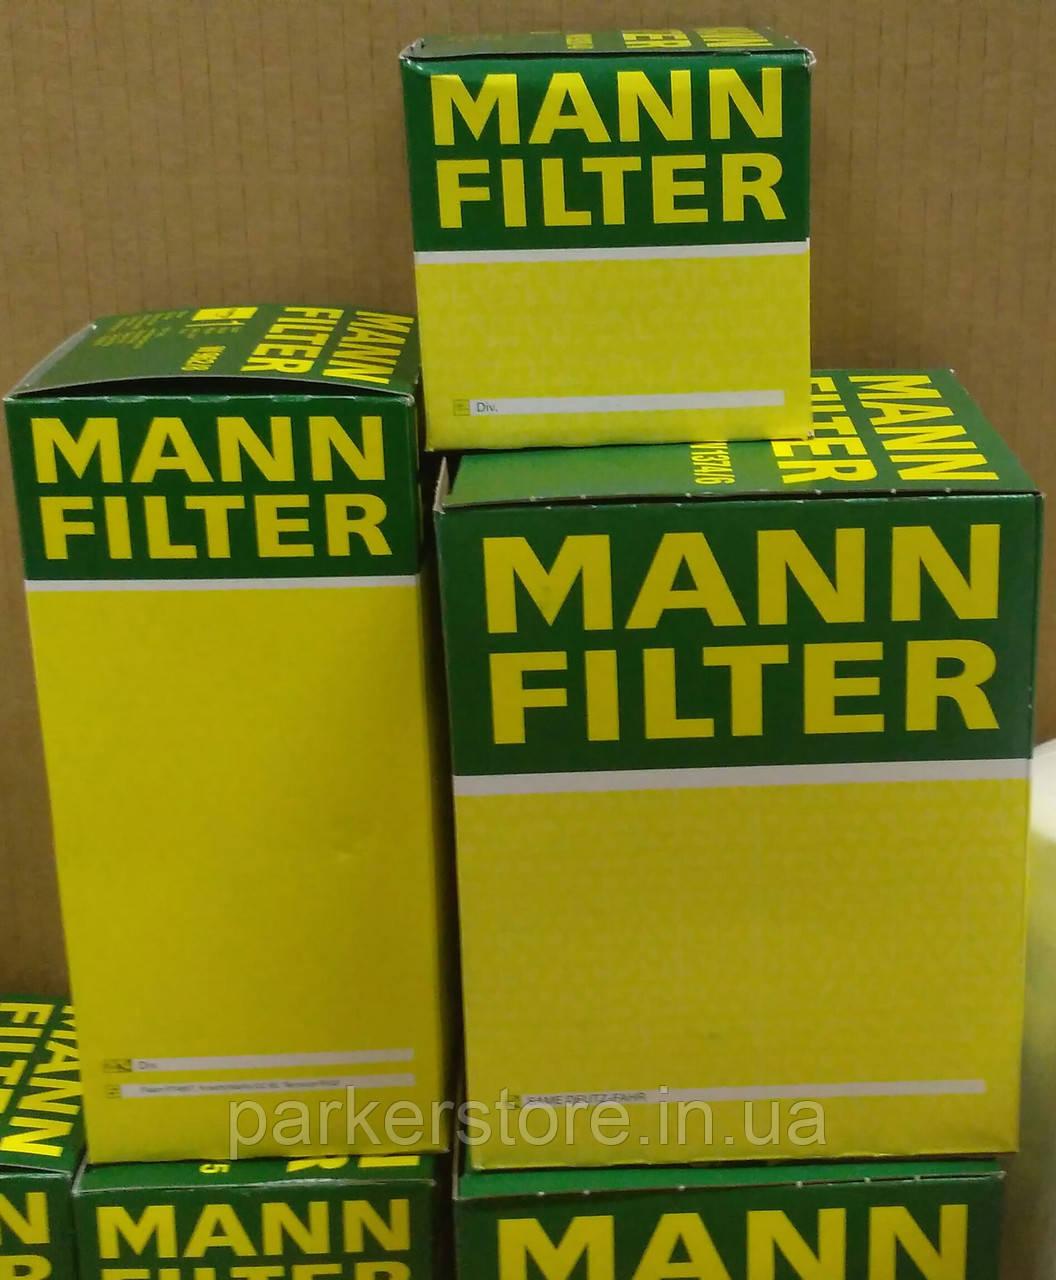 MANN FILTER / Воздушный фильтр / C 28 136/1 / C28136/1